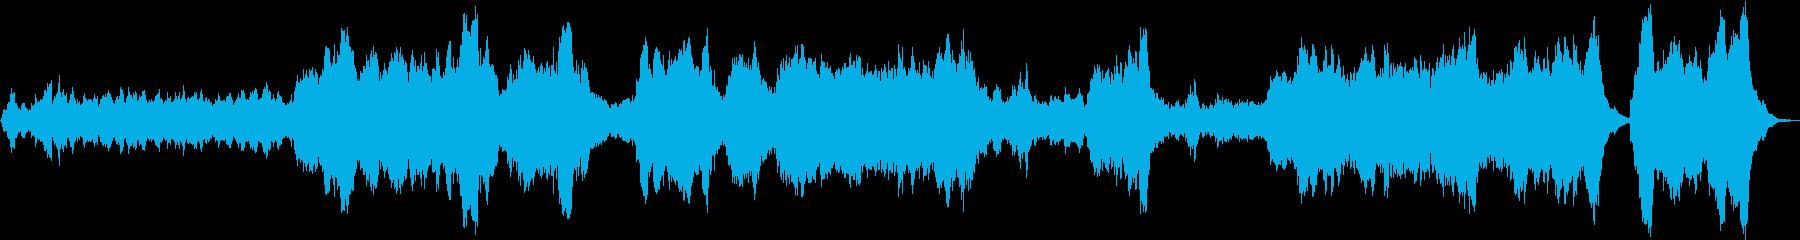 ヘンデルのカバーの再生済みの波形